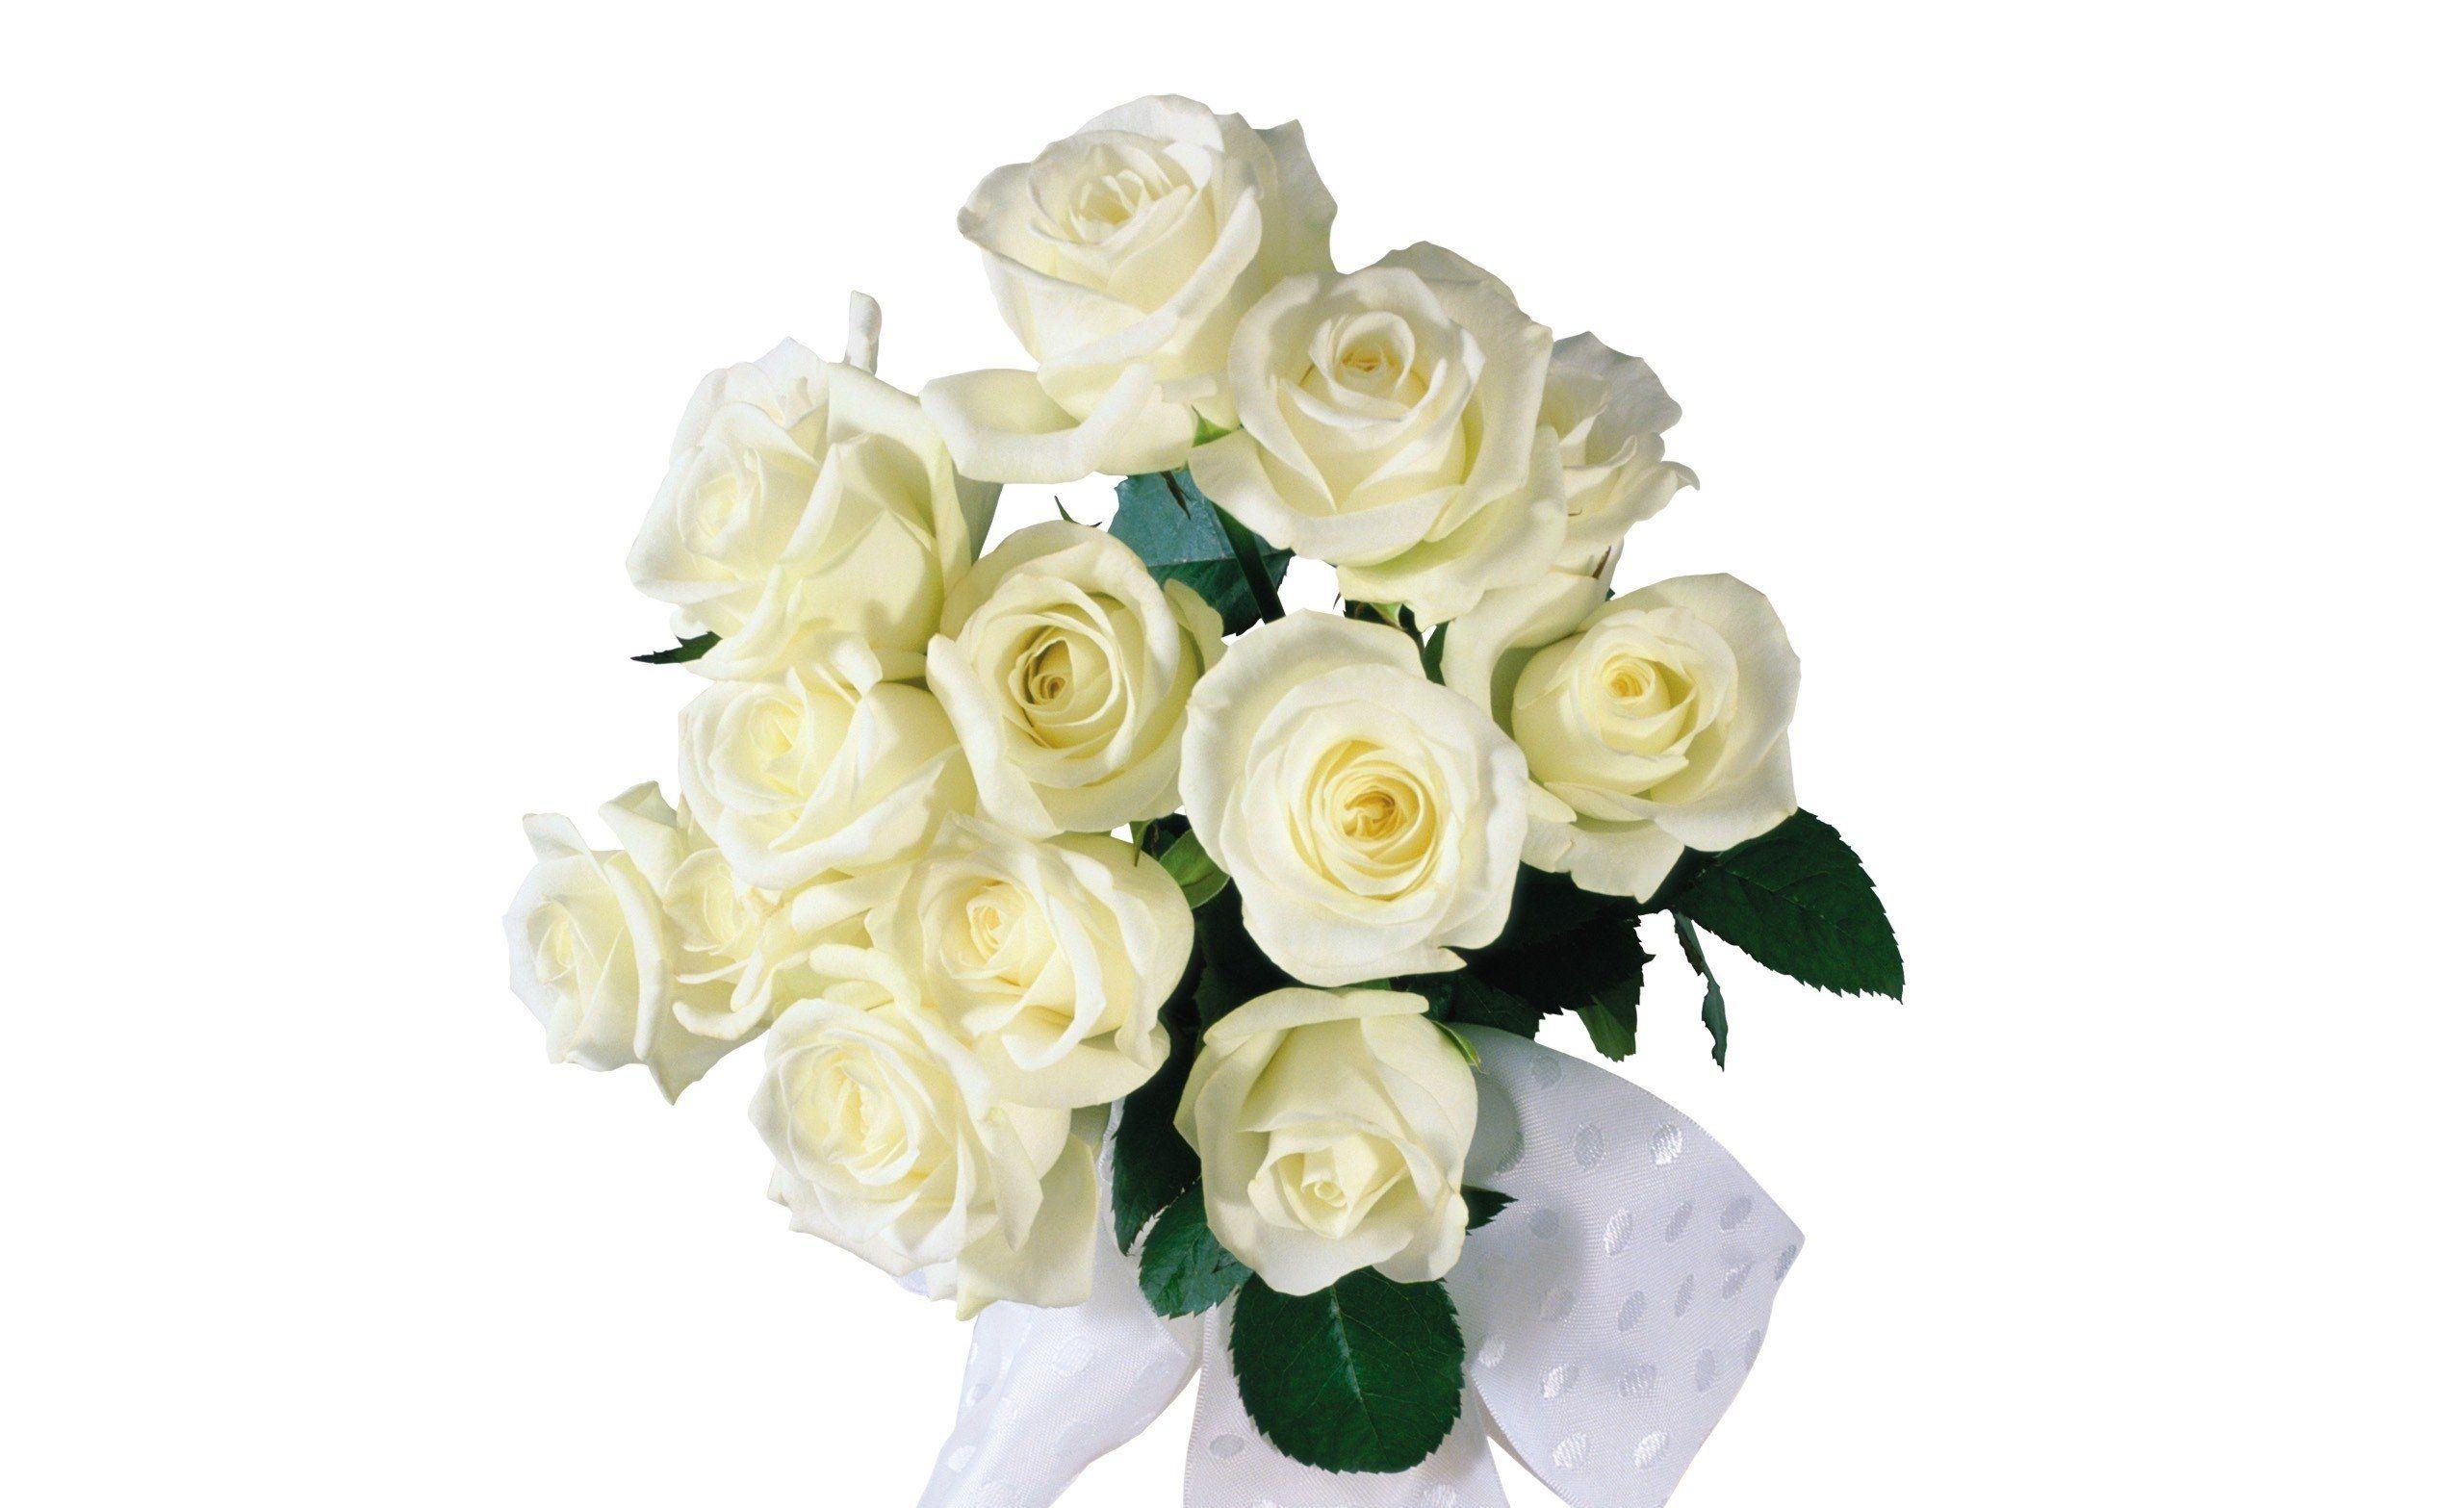 Картинка анимация букет белых роз